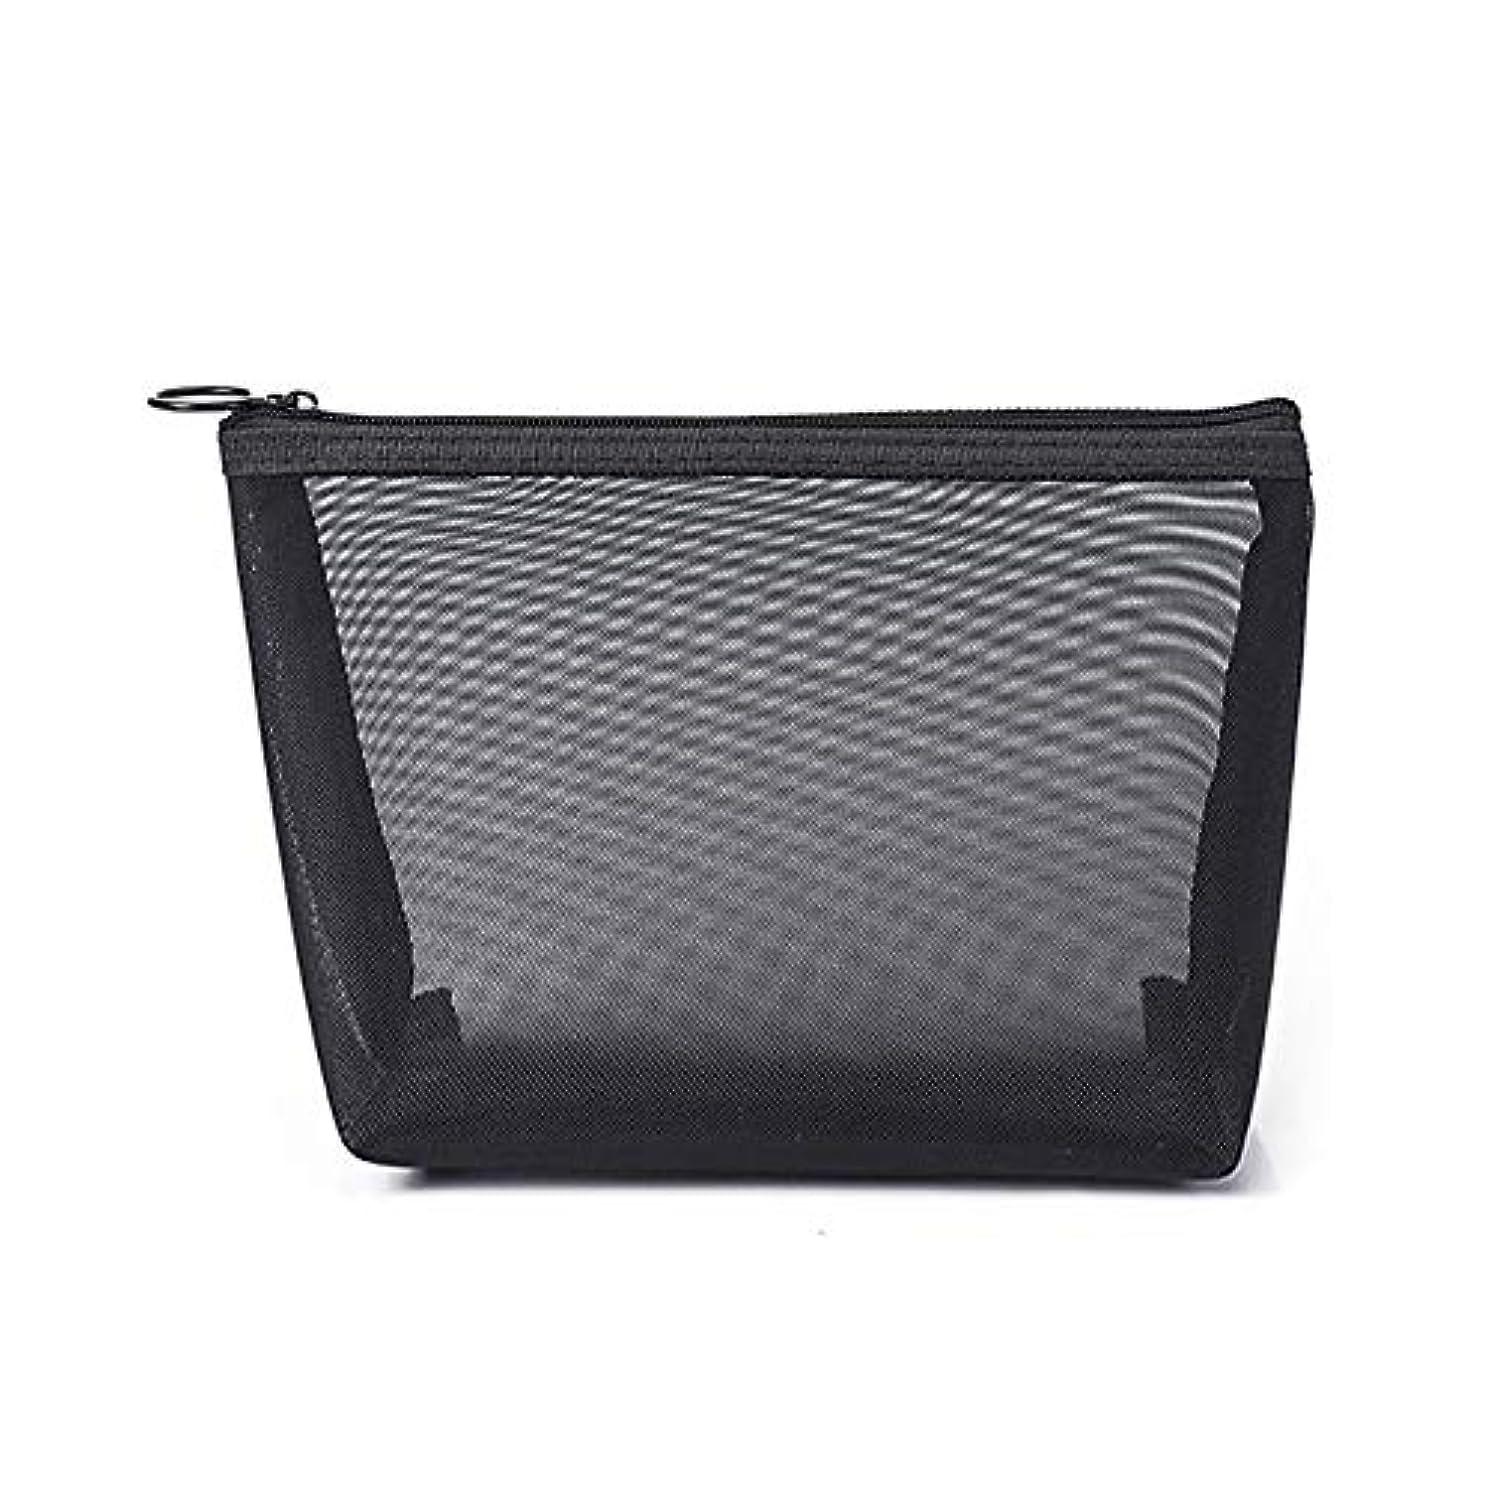 武器悪性の悪性のZZFF 女性の透明な化粧品袋旅行機能メイクアップケースジッパーメイクアップオーガナイザー収納ポーチトイレタリービューティーウォッシュバッグ (Color : 1, Size : M)